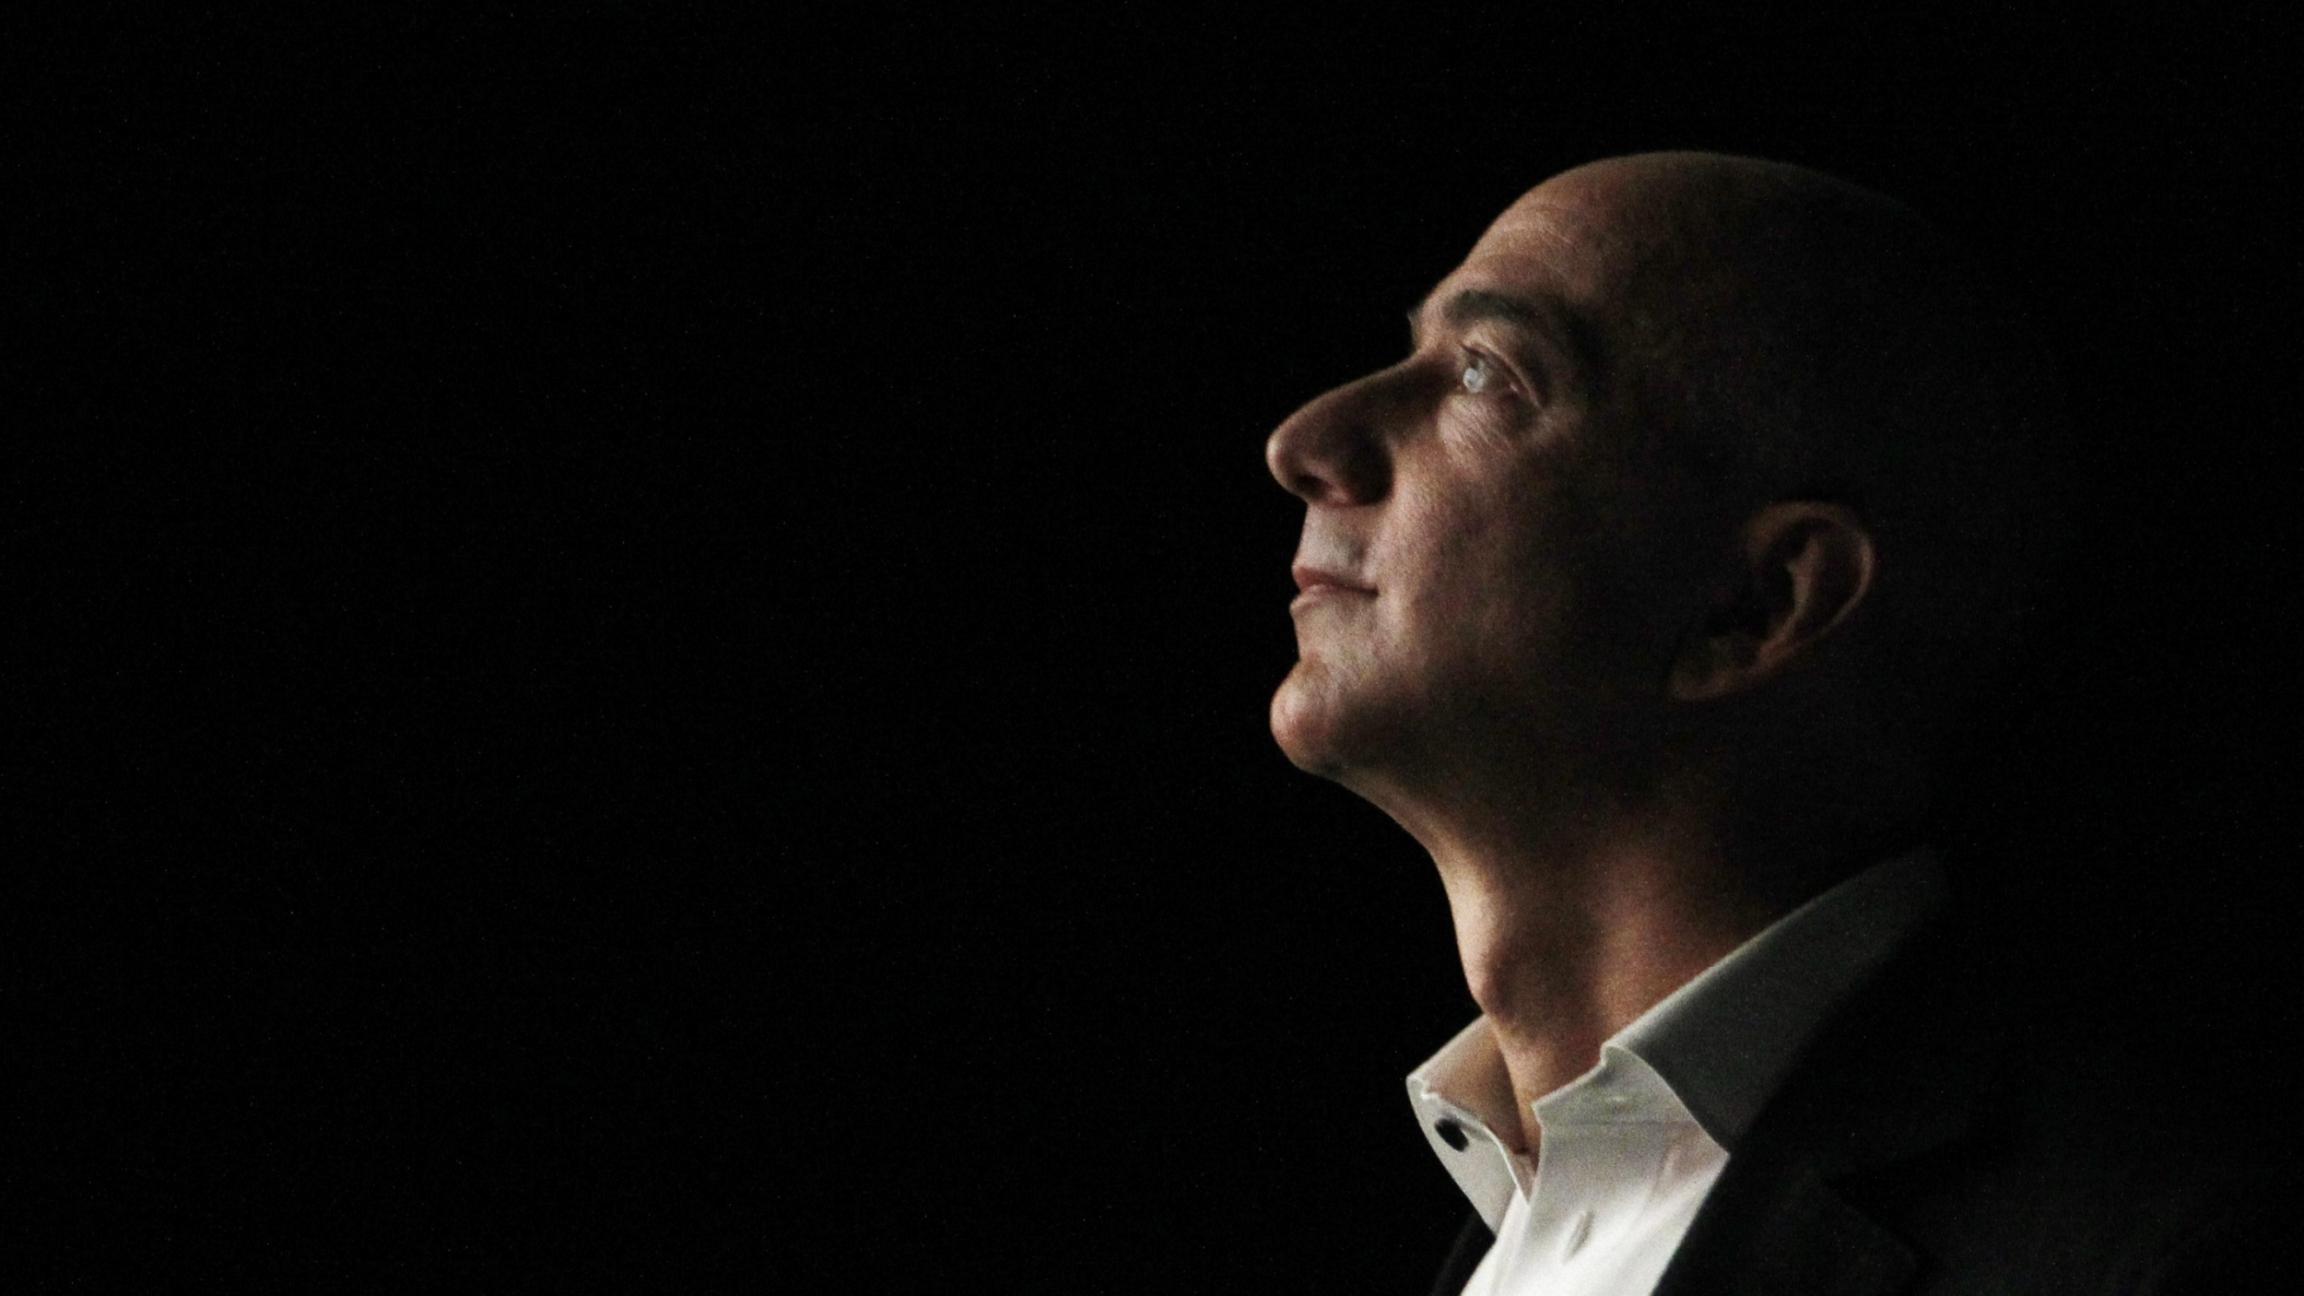 Jeff Bezos in profile